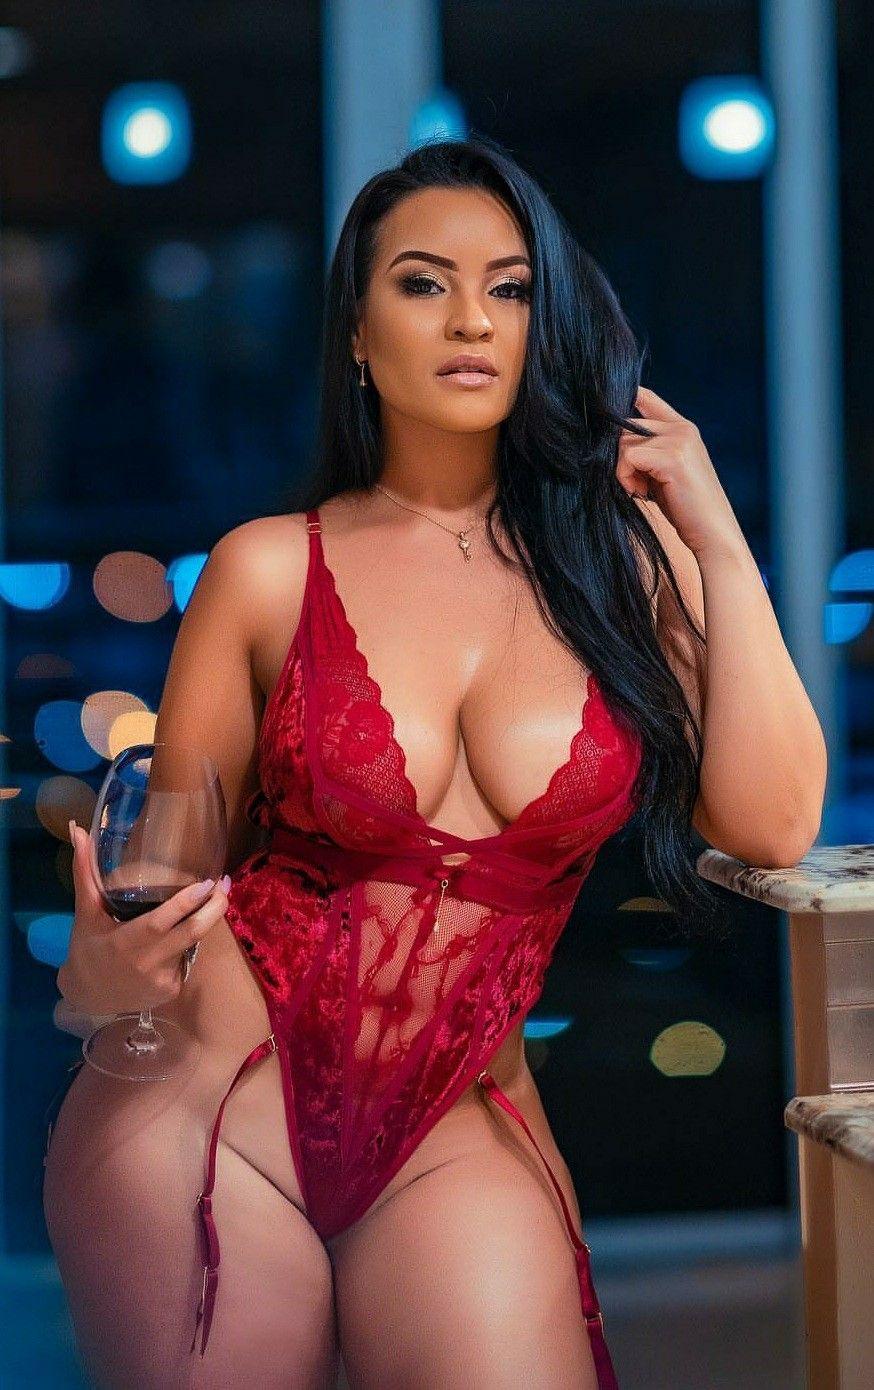 Pin on Beautiful Latina Women